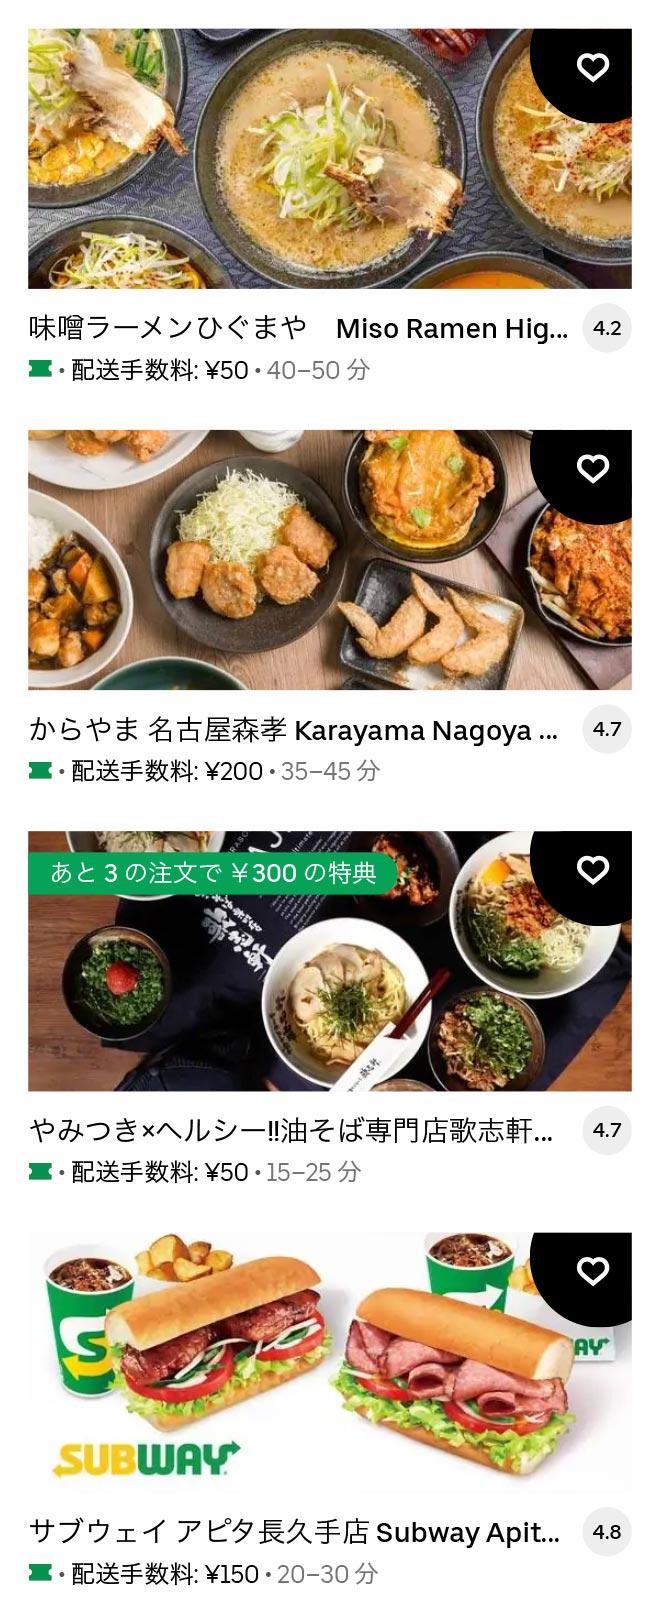 U fujigaoka 2105 07